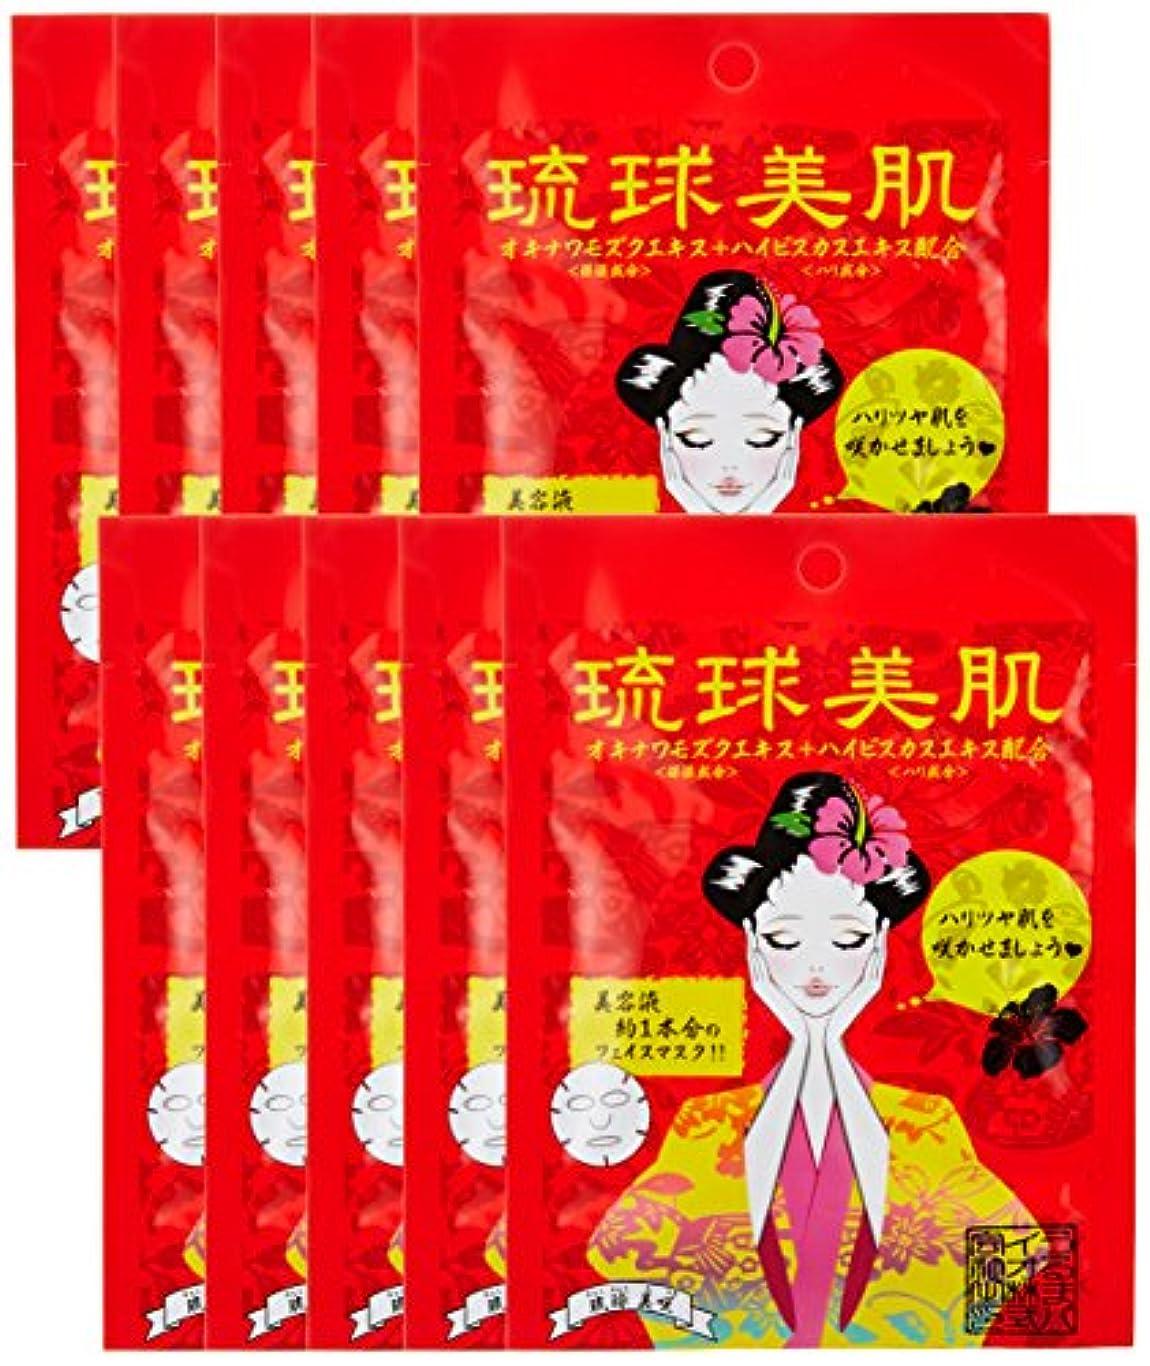 例バレルレイアウト琉球美肌 フェイスマスクシート ハイビスカスの香り 10枚セット